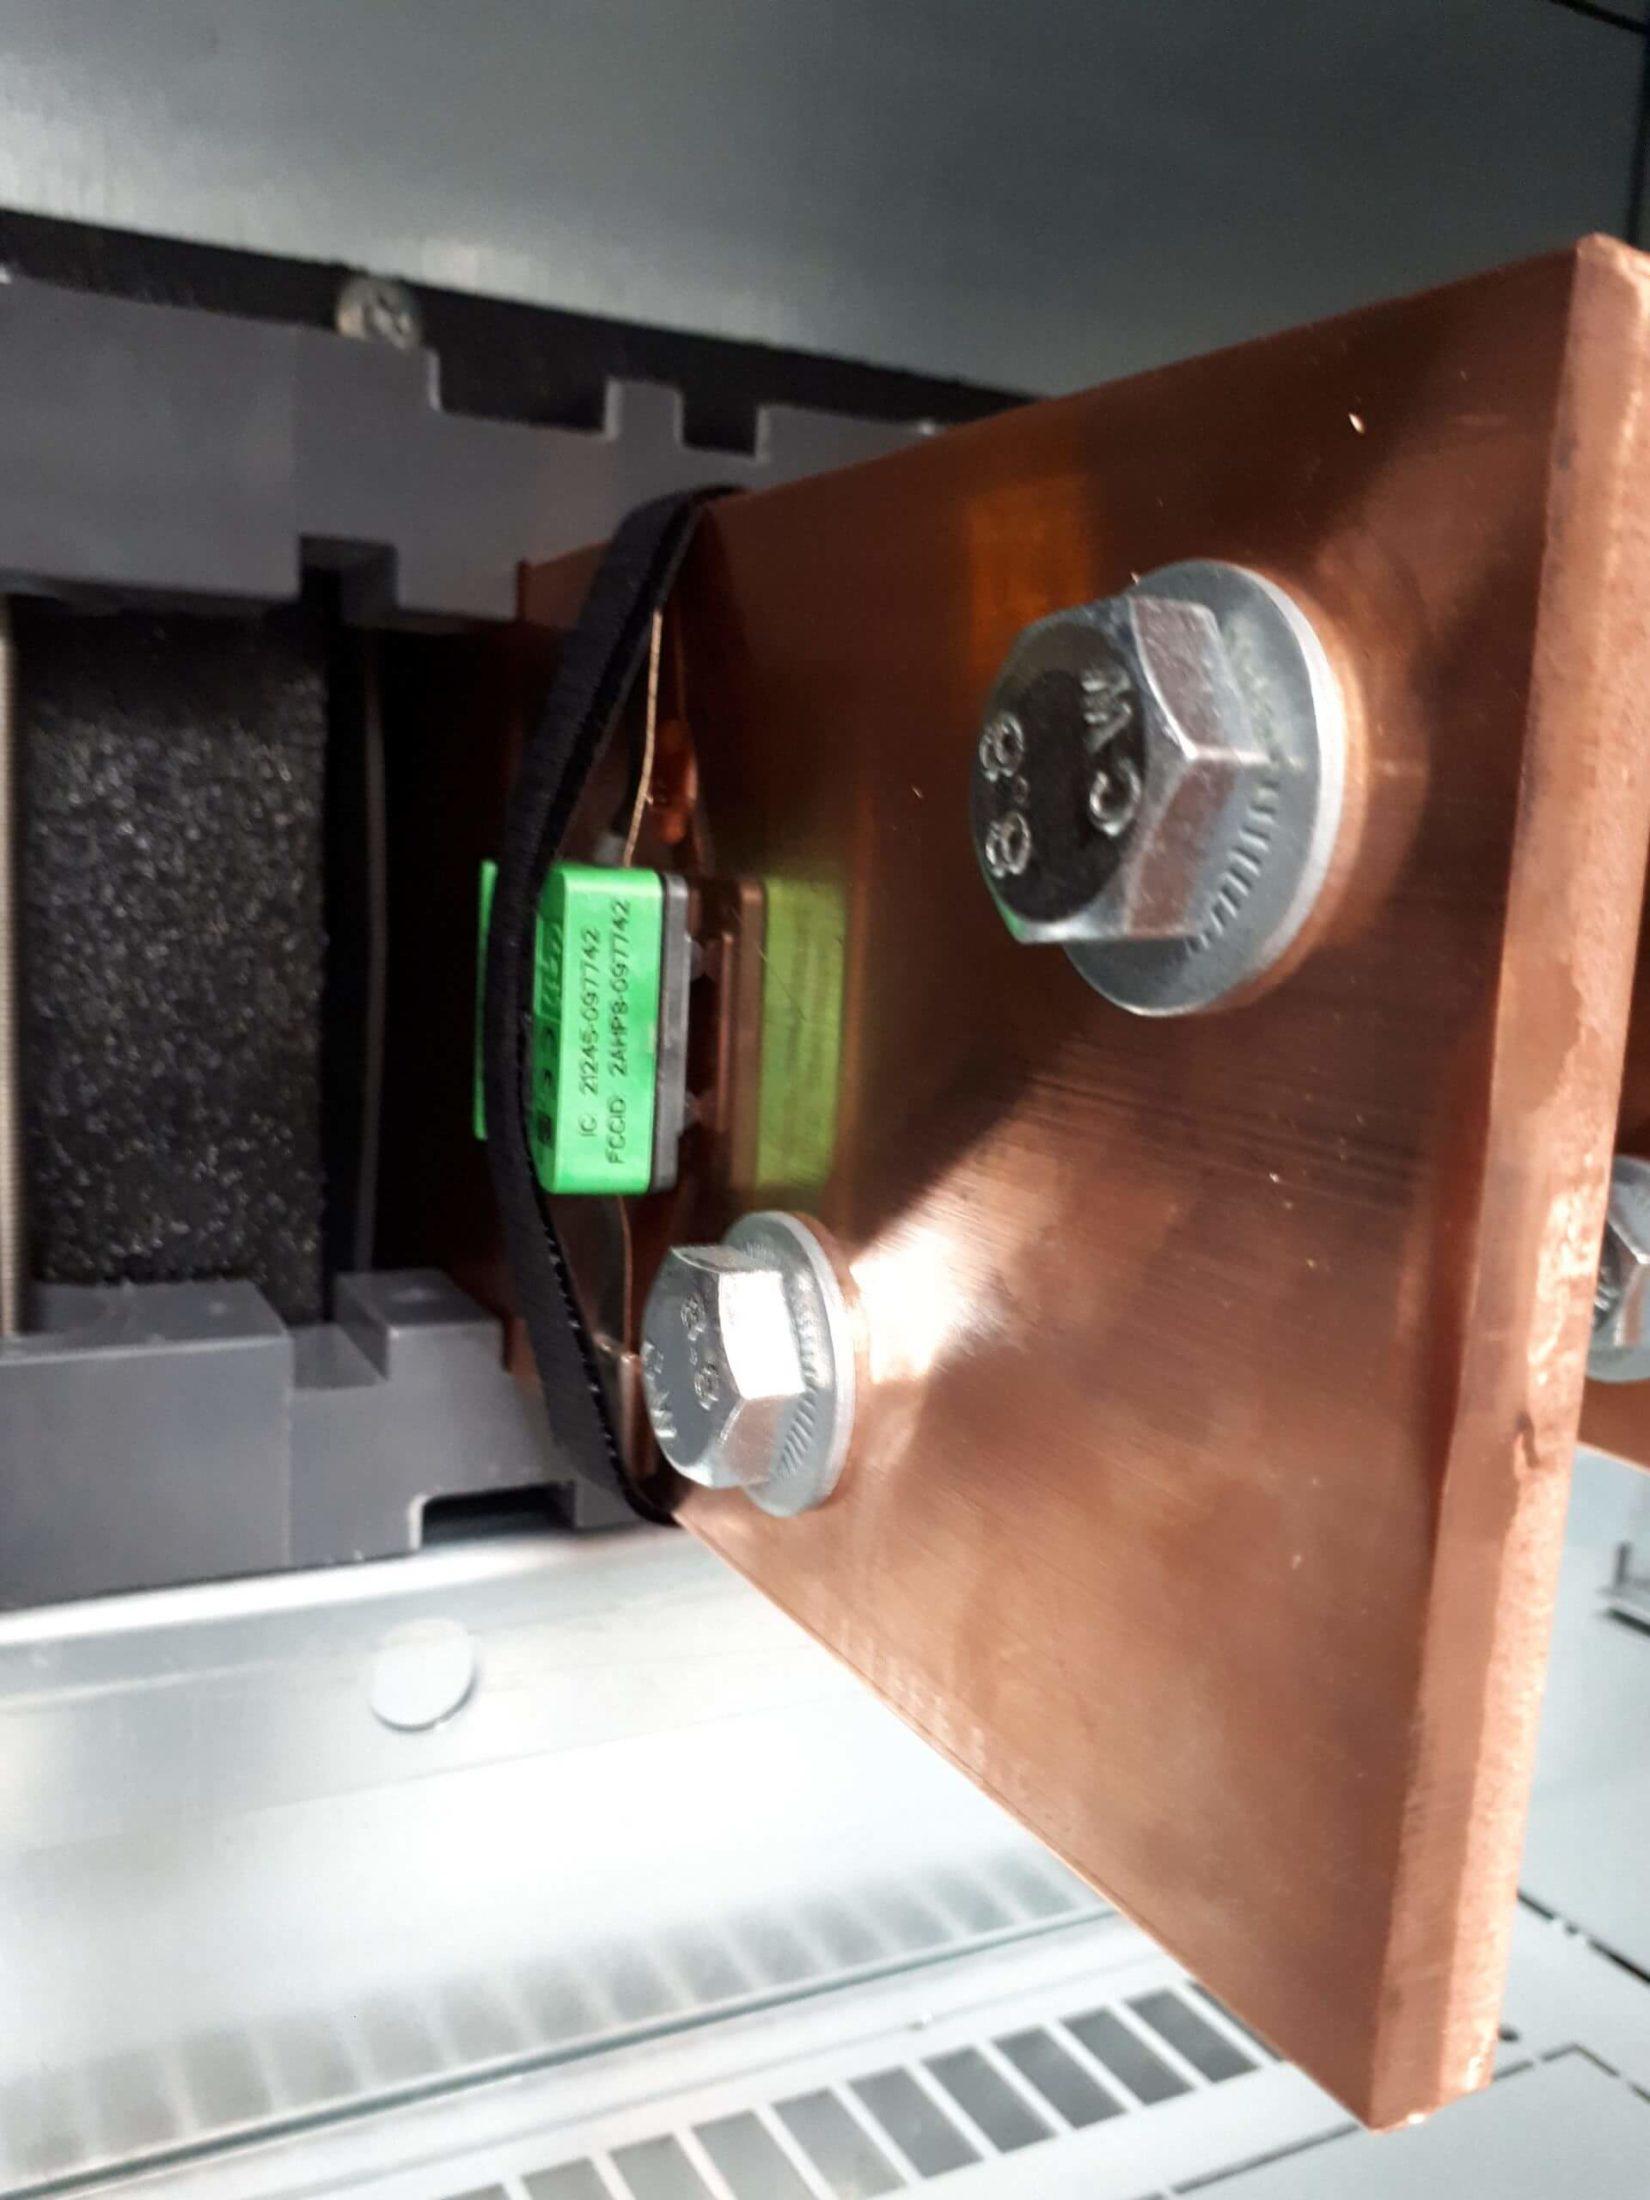 Een temperatuursensor specifiek om hotspots op elektrische borden in kaart te brengen.